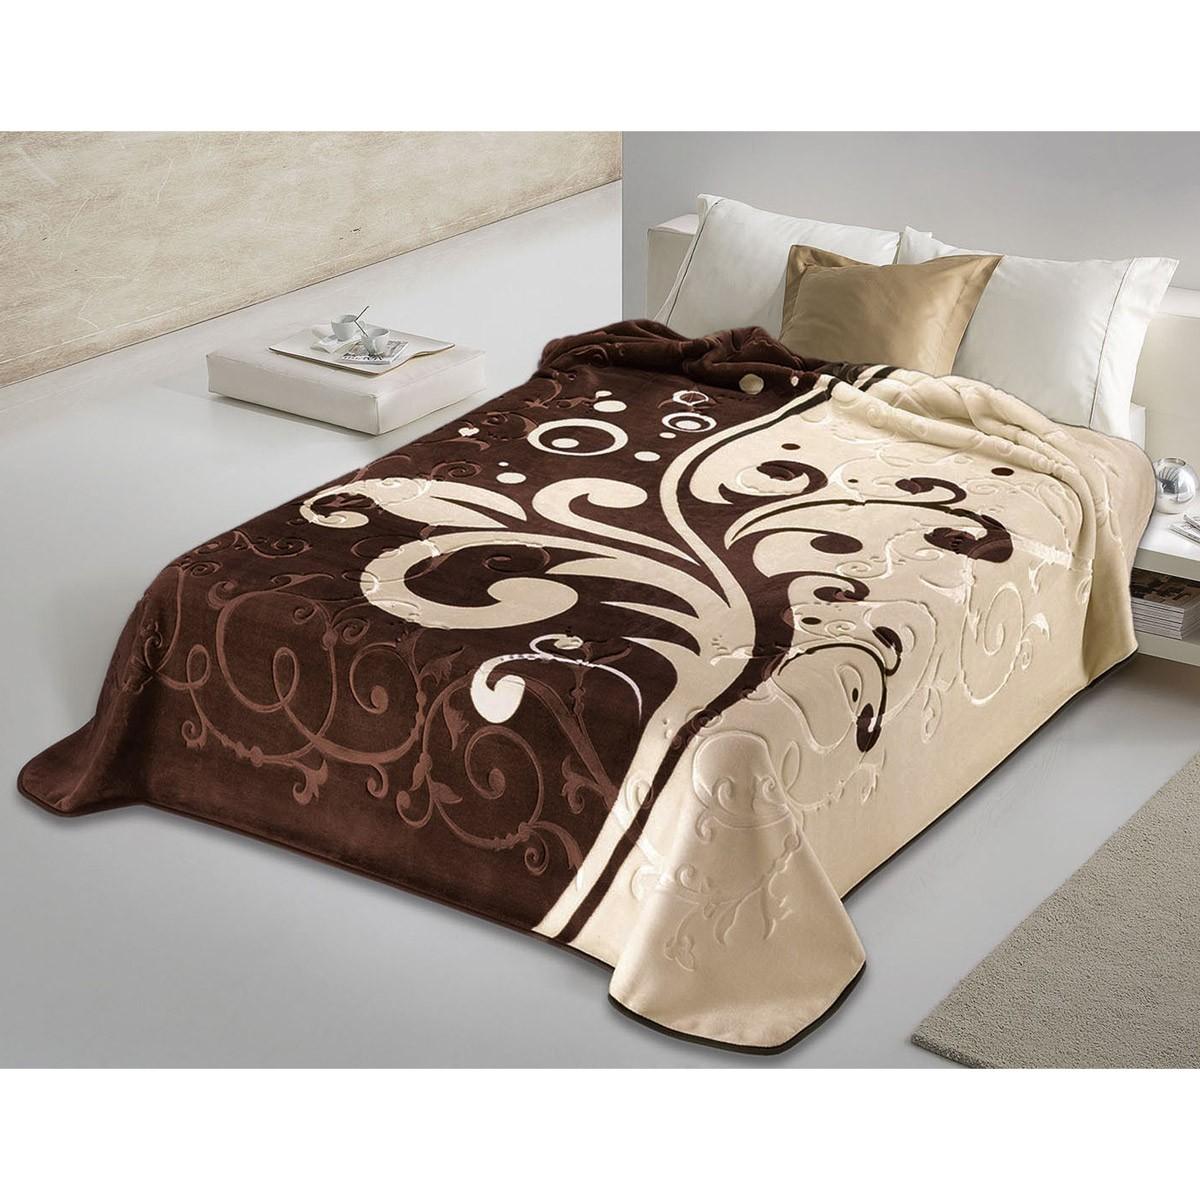 Κουβέρτα Βελουτέ Υπέρδιπλη Belpla Ster 5226 Brown